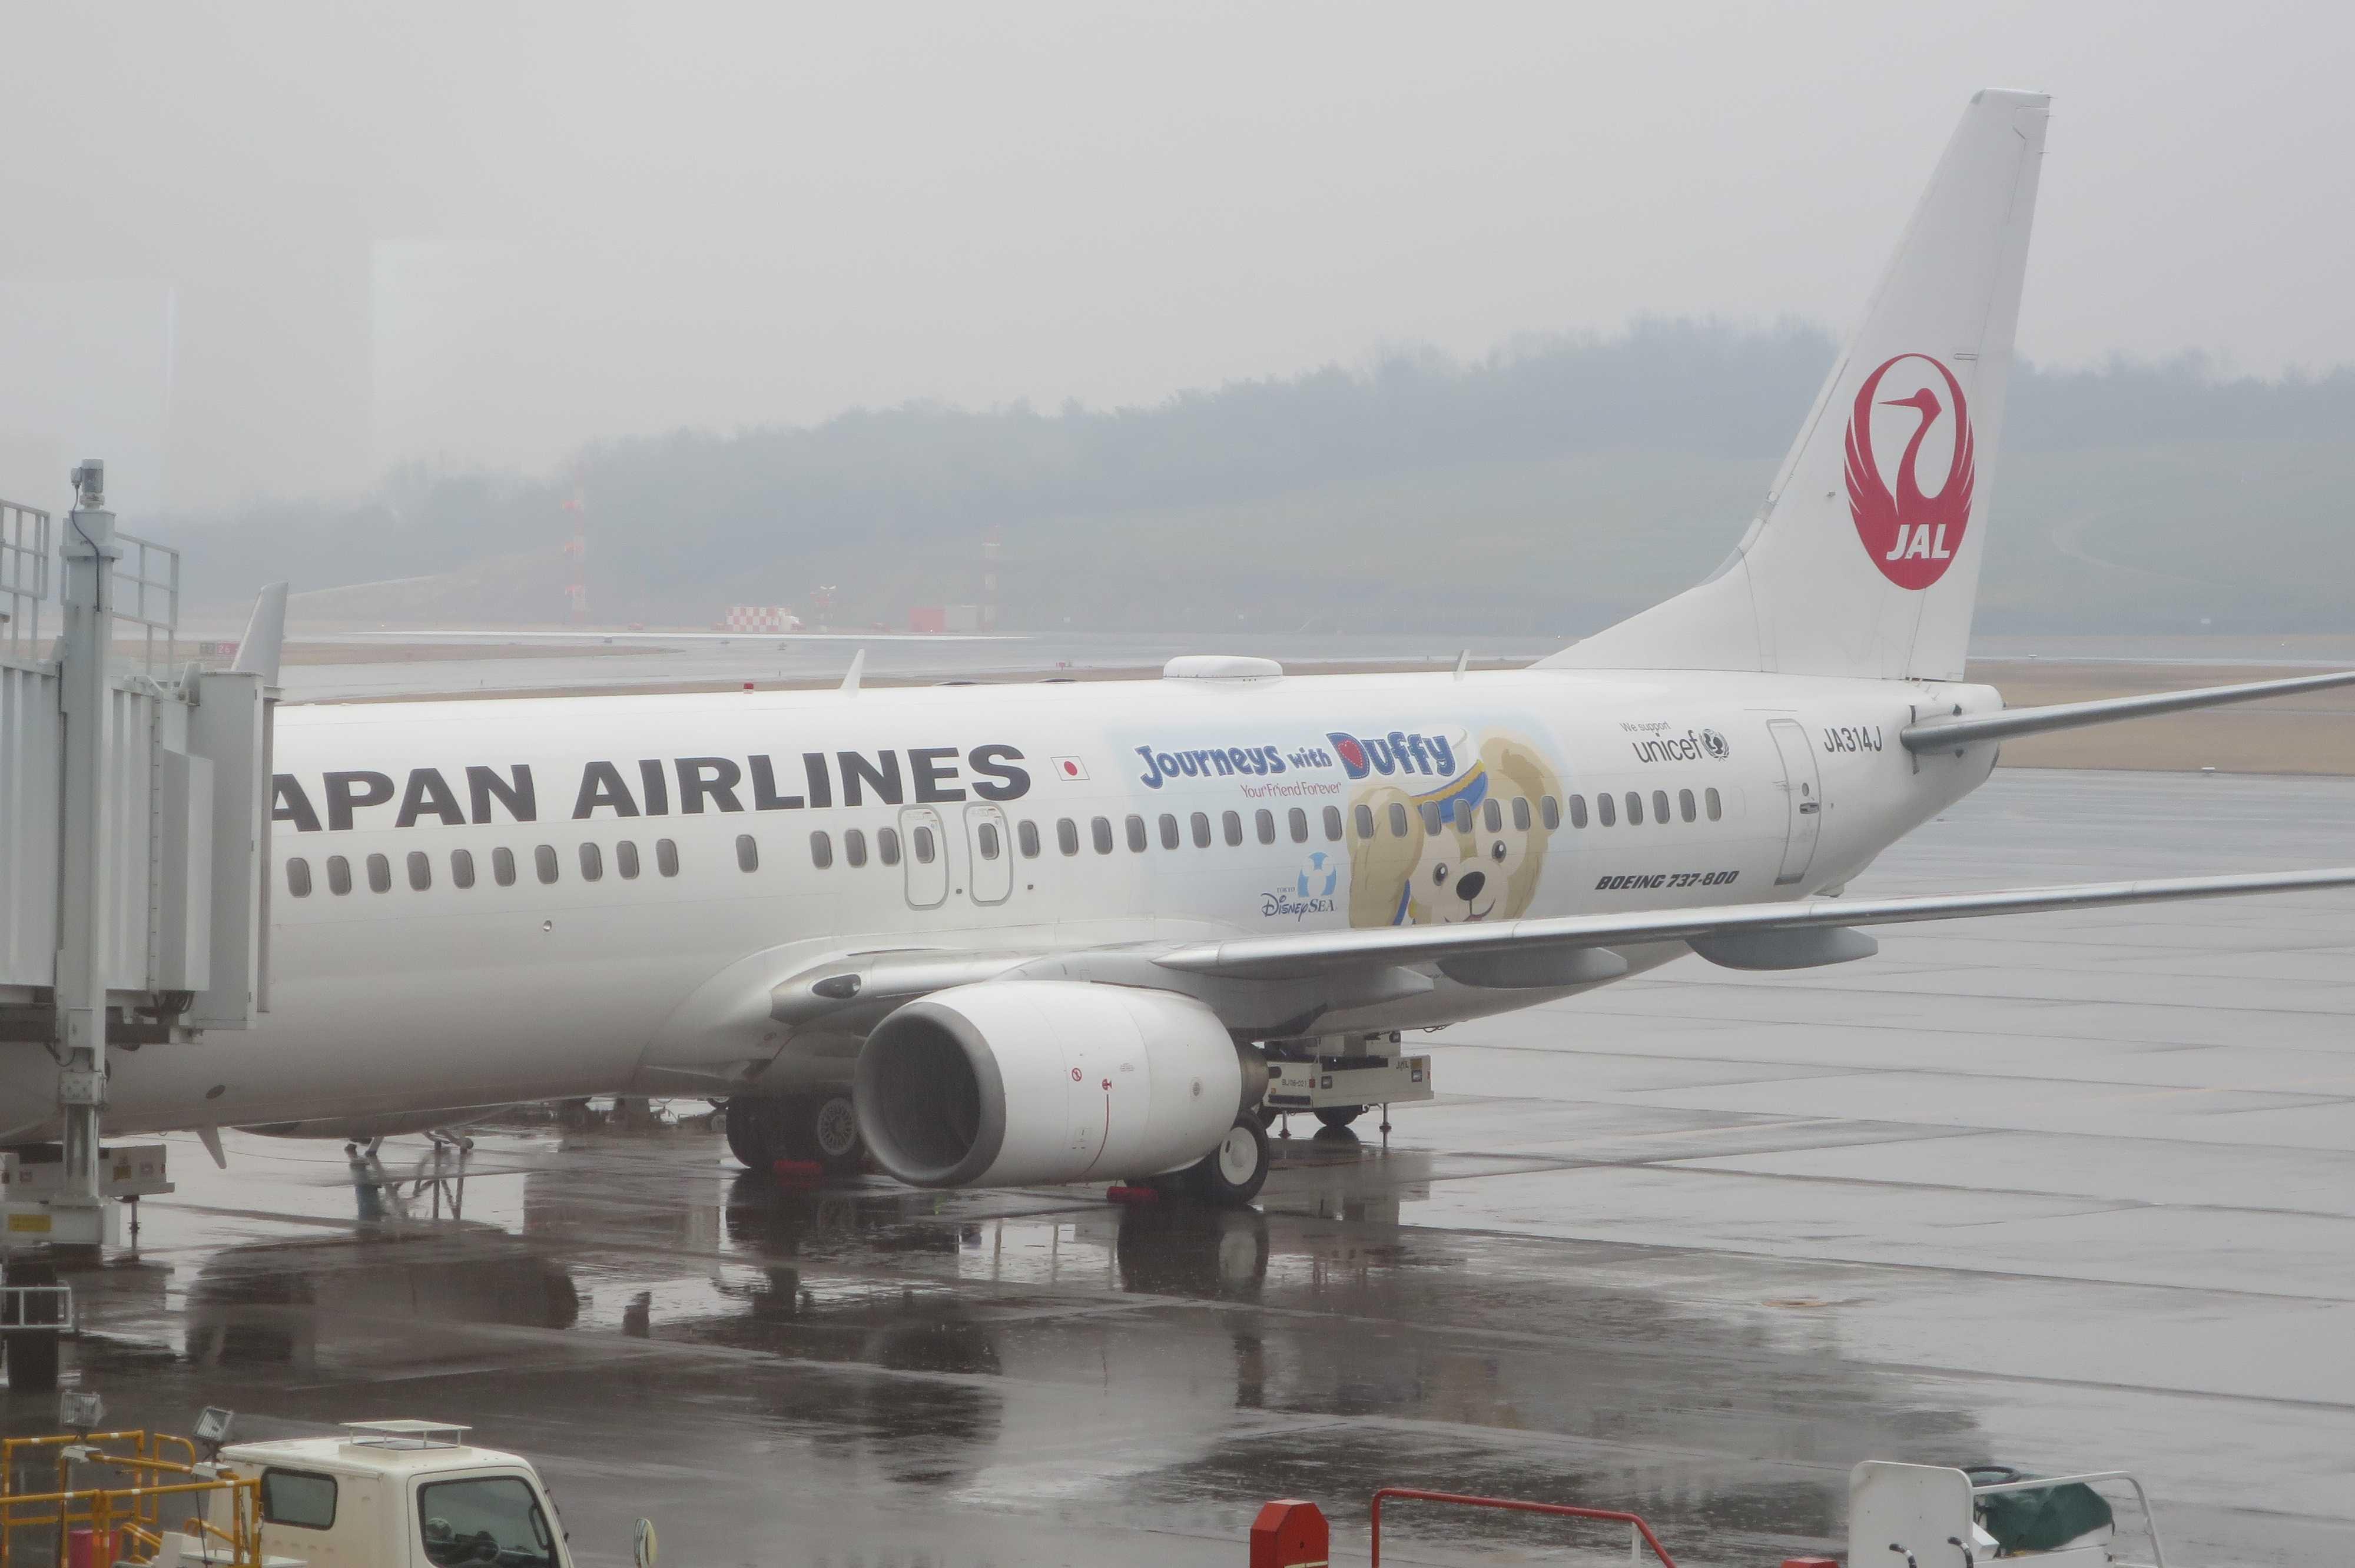 高松空港の Duffy(ダッフィー) - 特別塗装機「JALハッピージャーニーエクスプレス」